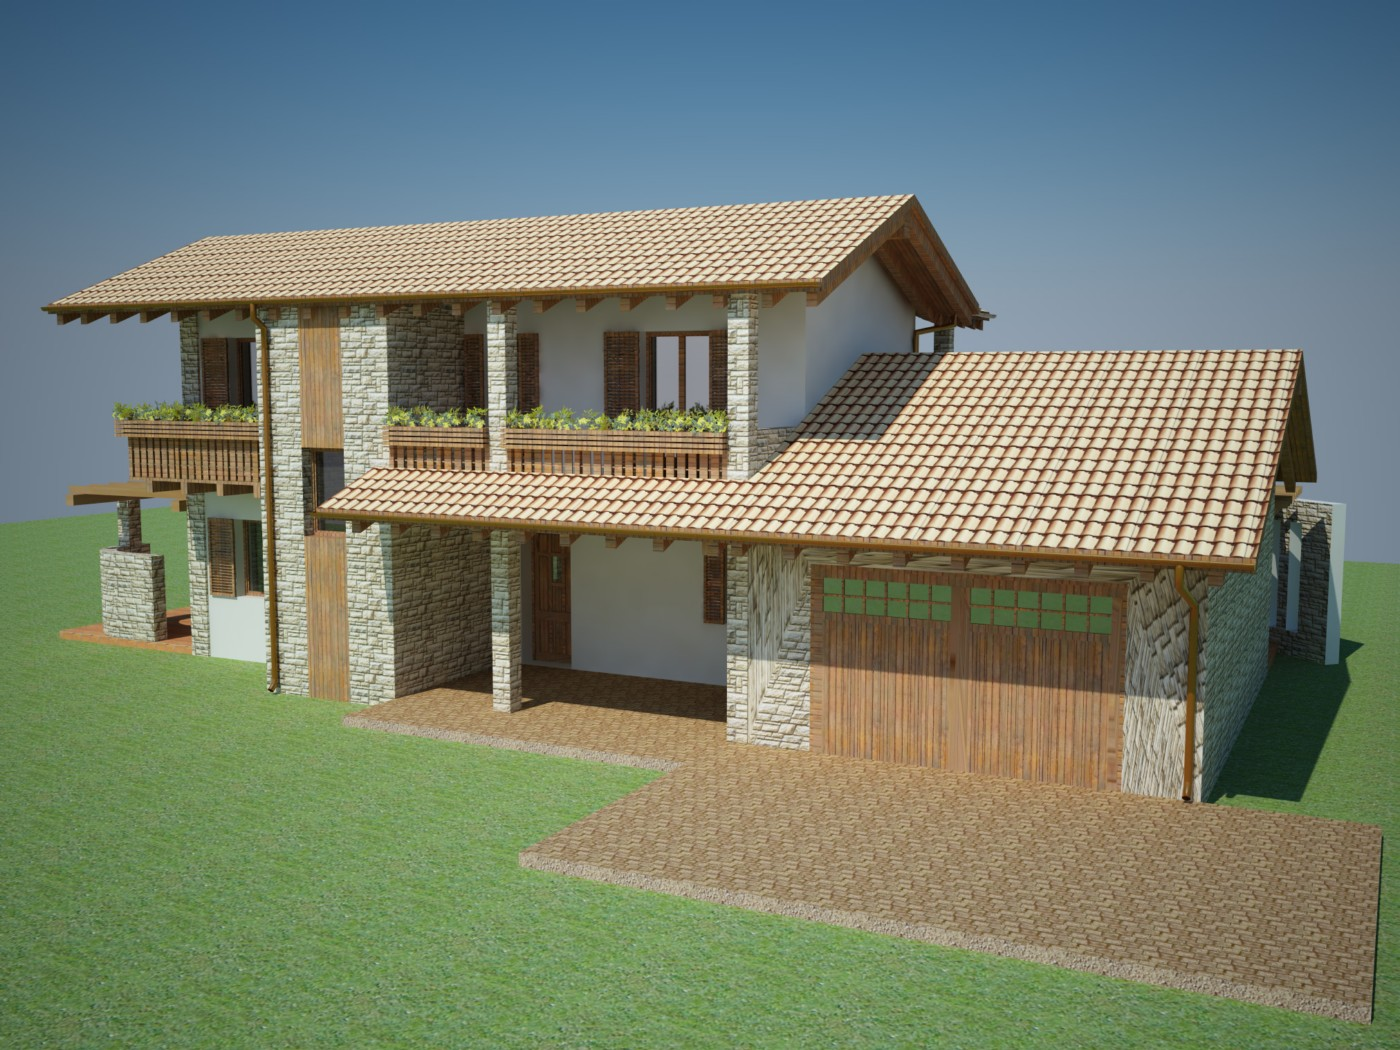 Vendita villa singola peveragno for Case a due piani in vendita a buon mercato